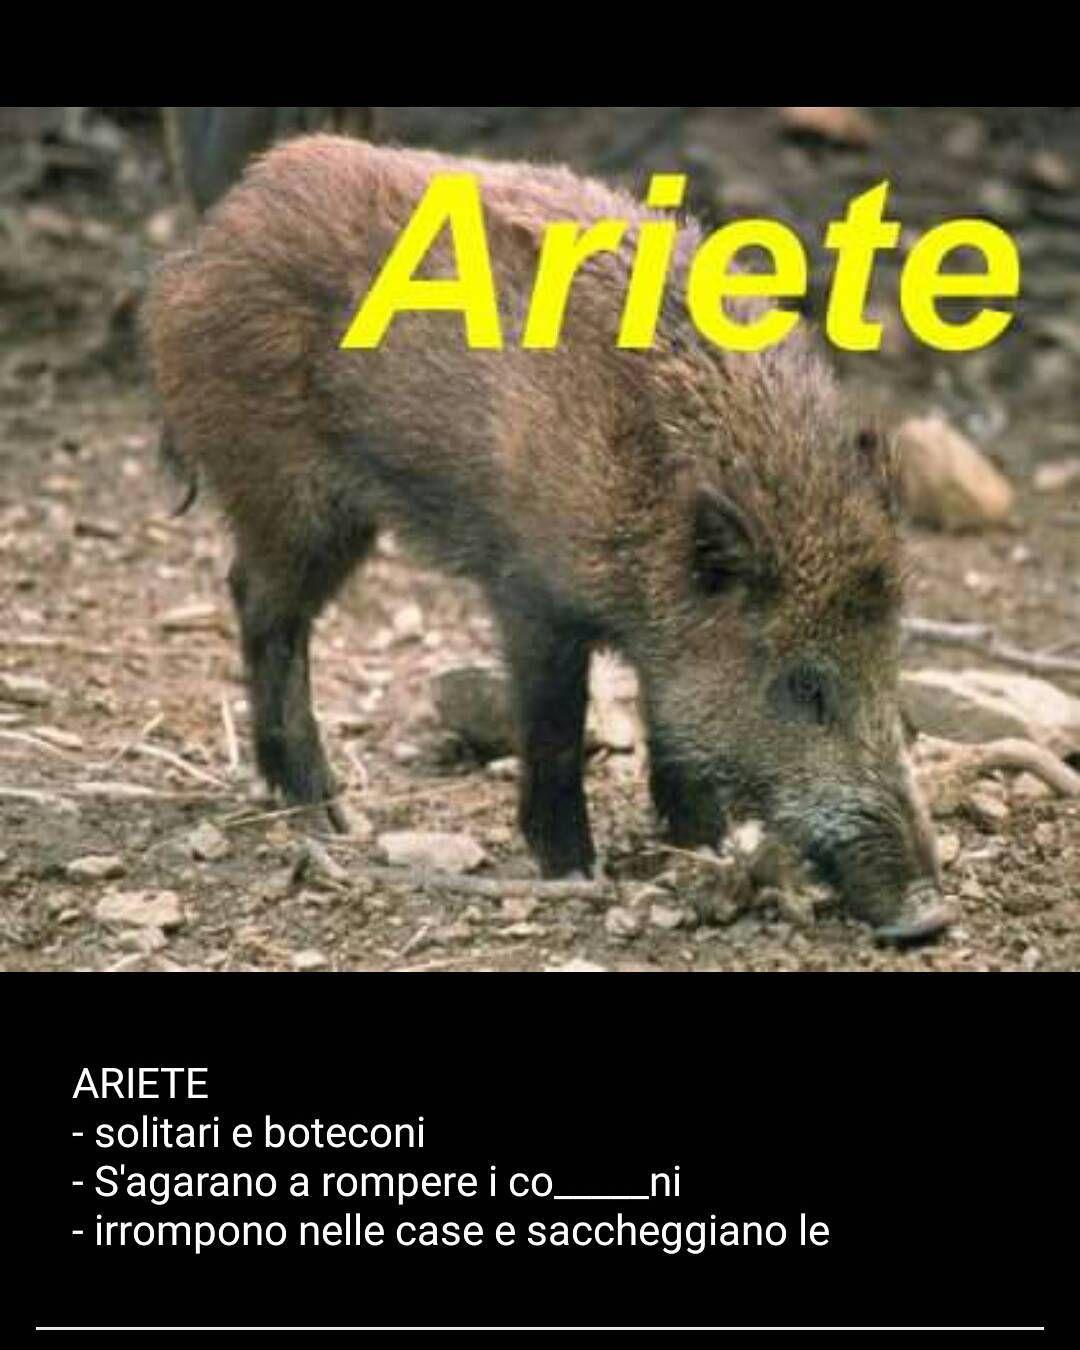 #ariete #complimenti a chi ha inventato l'oroscopo del #cinghiale per noi nati ad #arezzo è #pertinentissimo